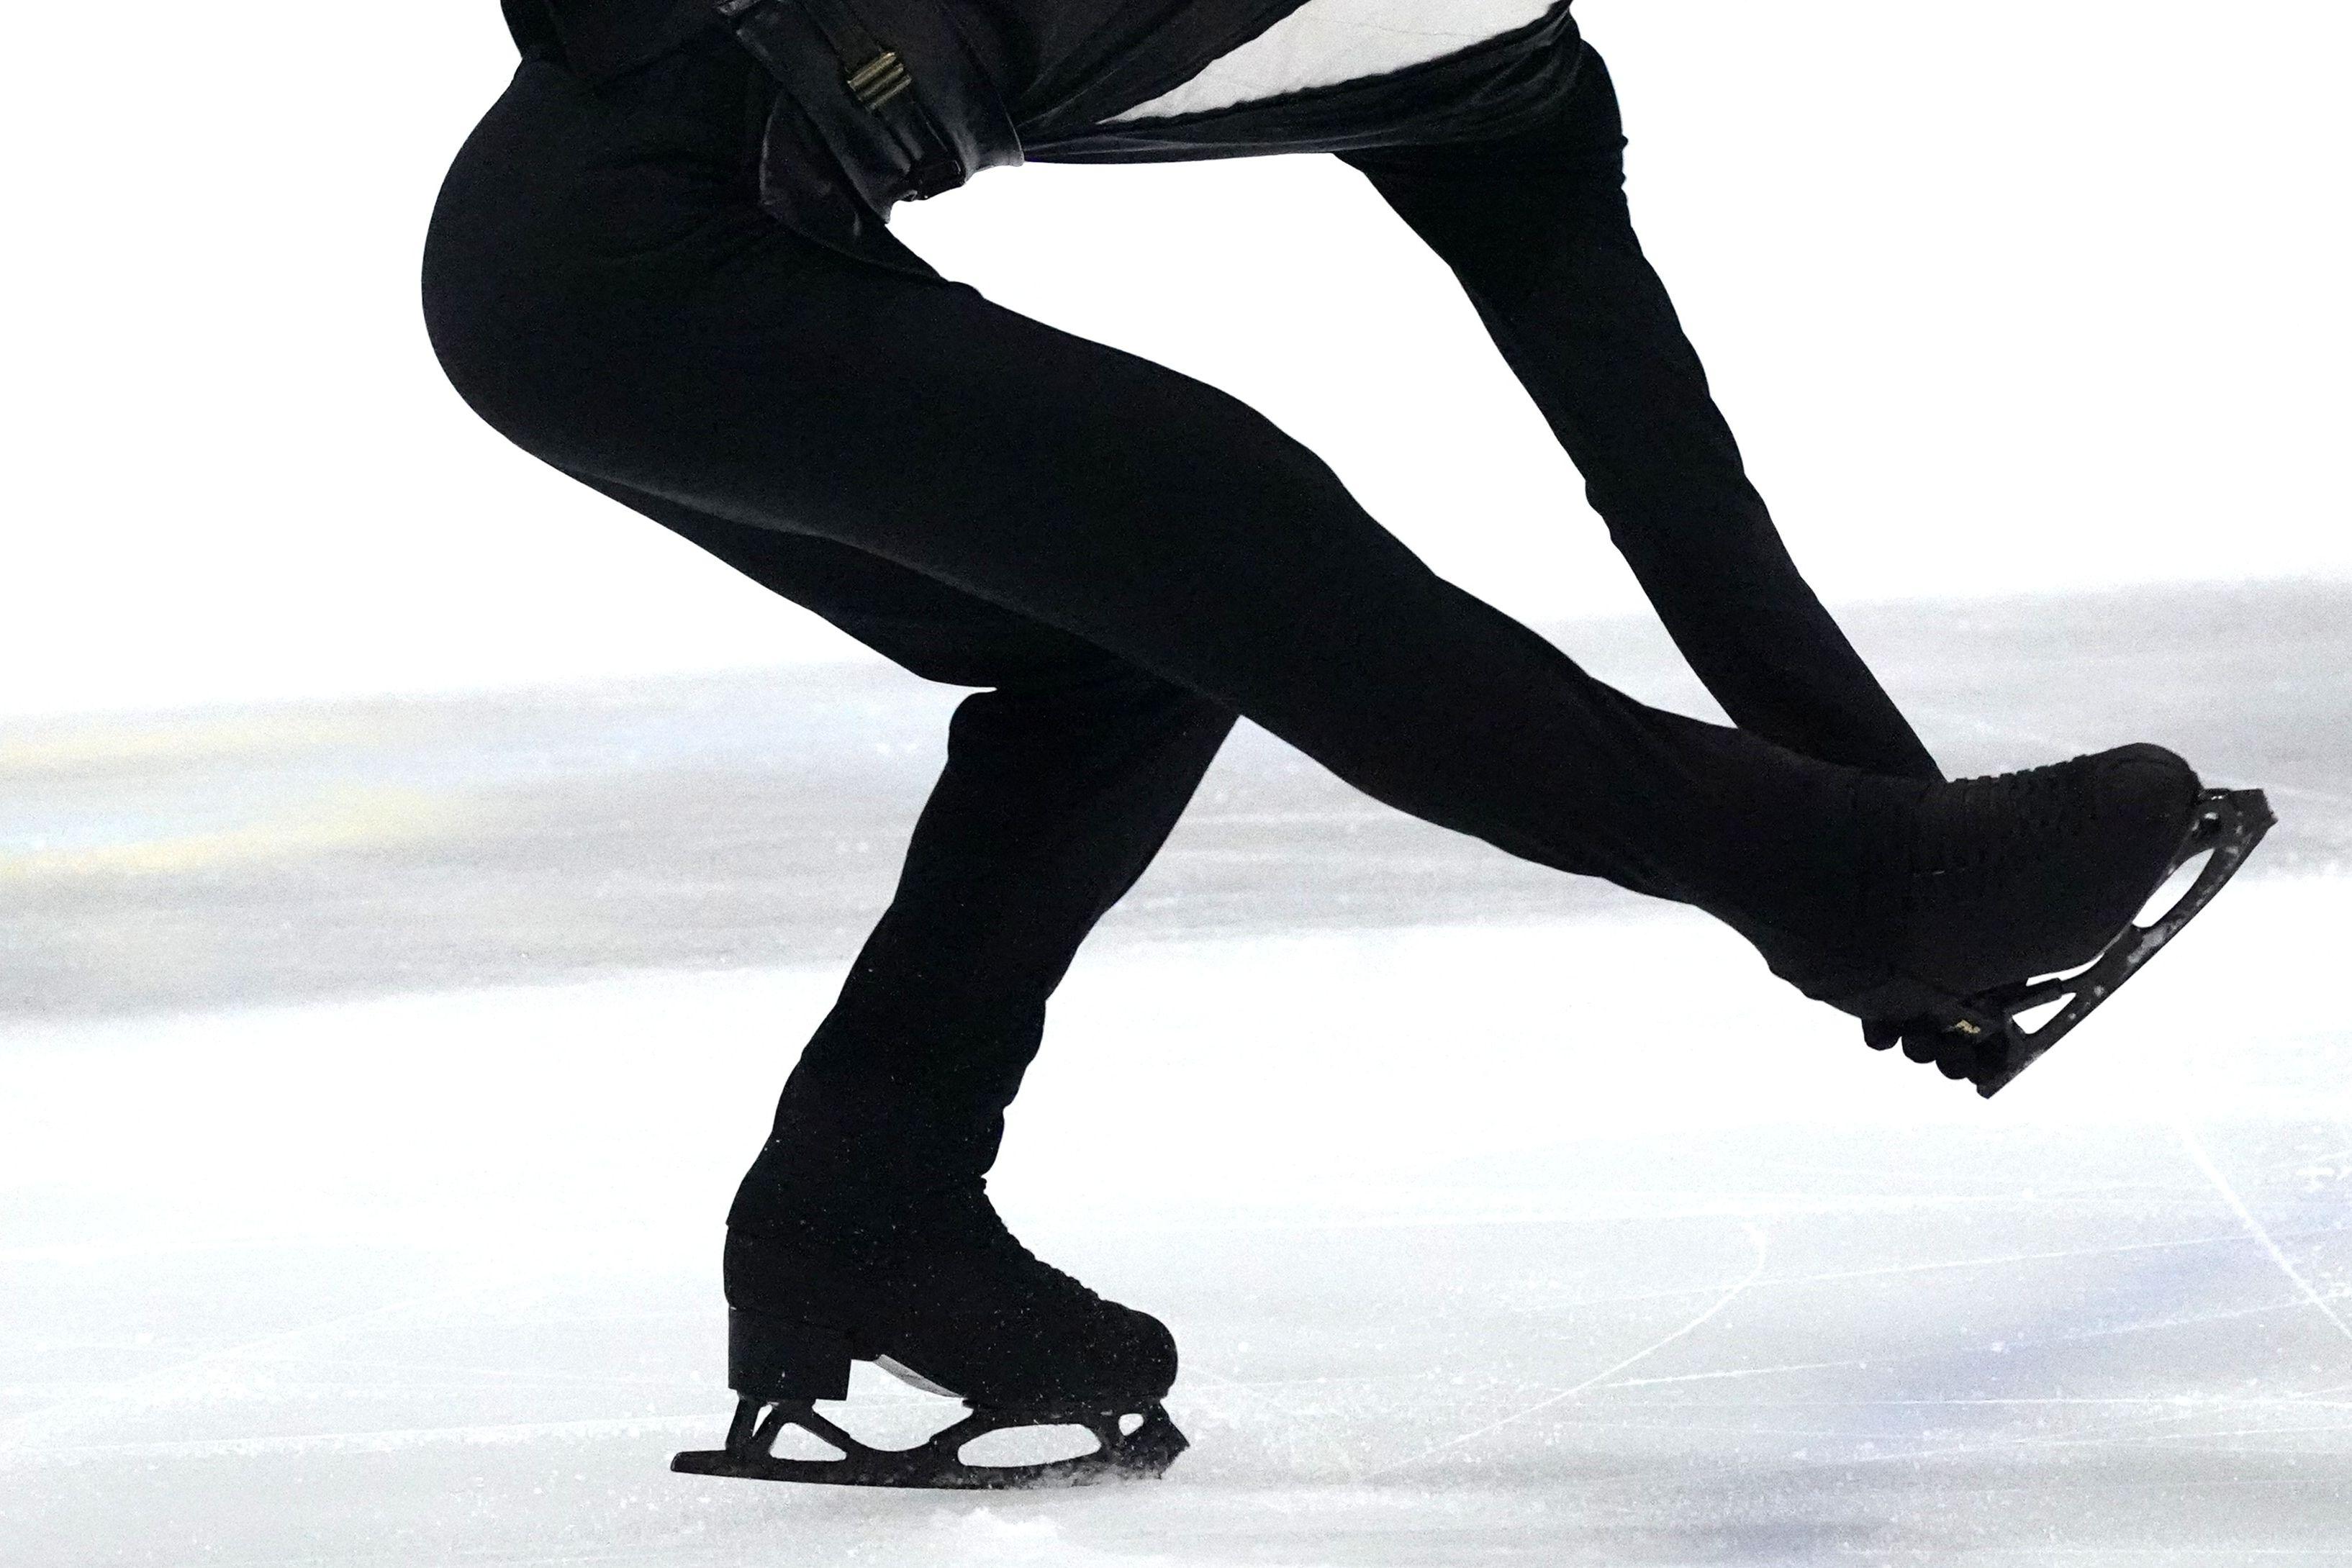 Дикиджи одержал победу в финале Кубка России по фигурному катанию среди юниоров